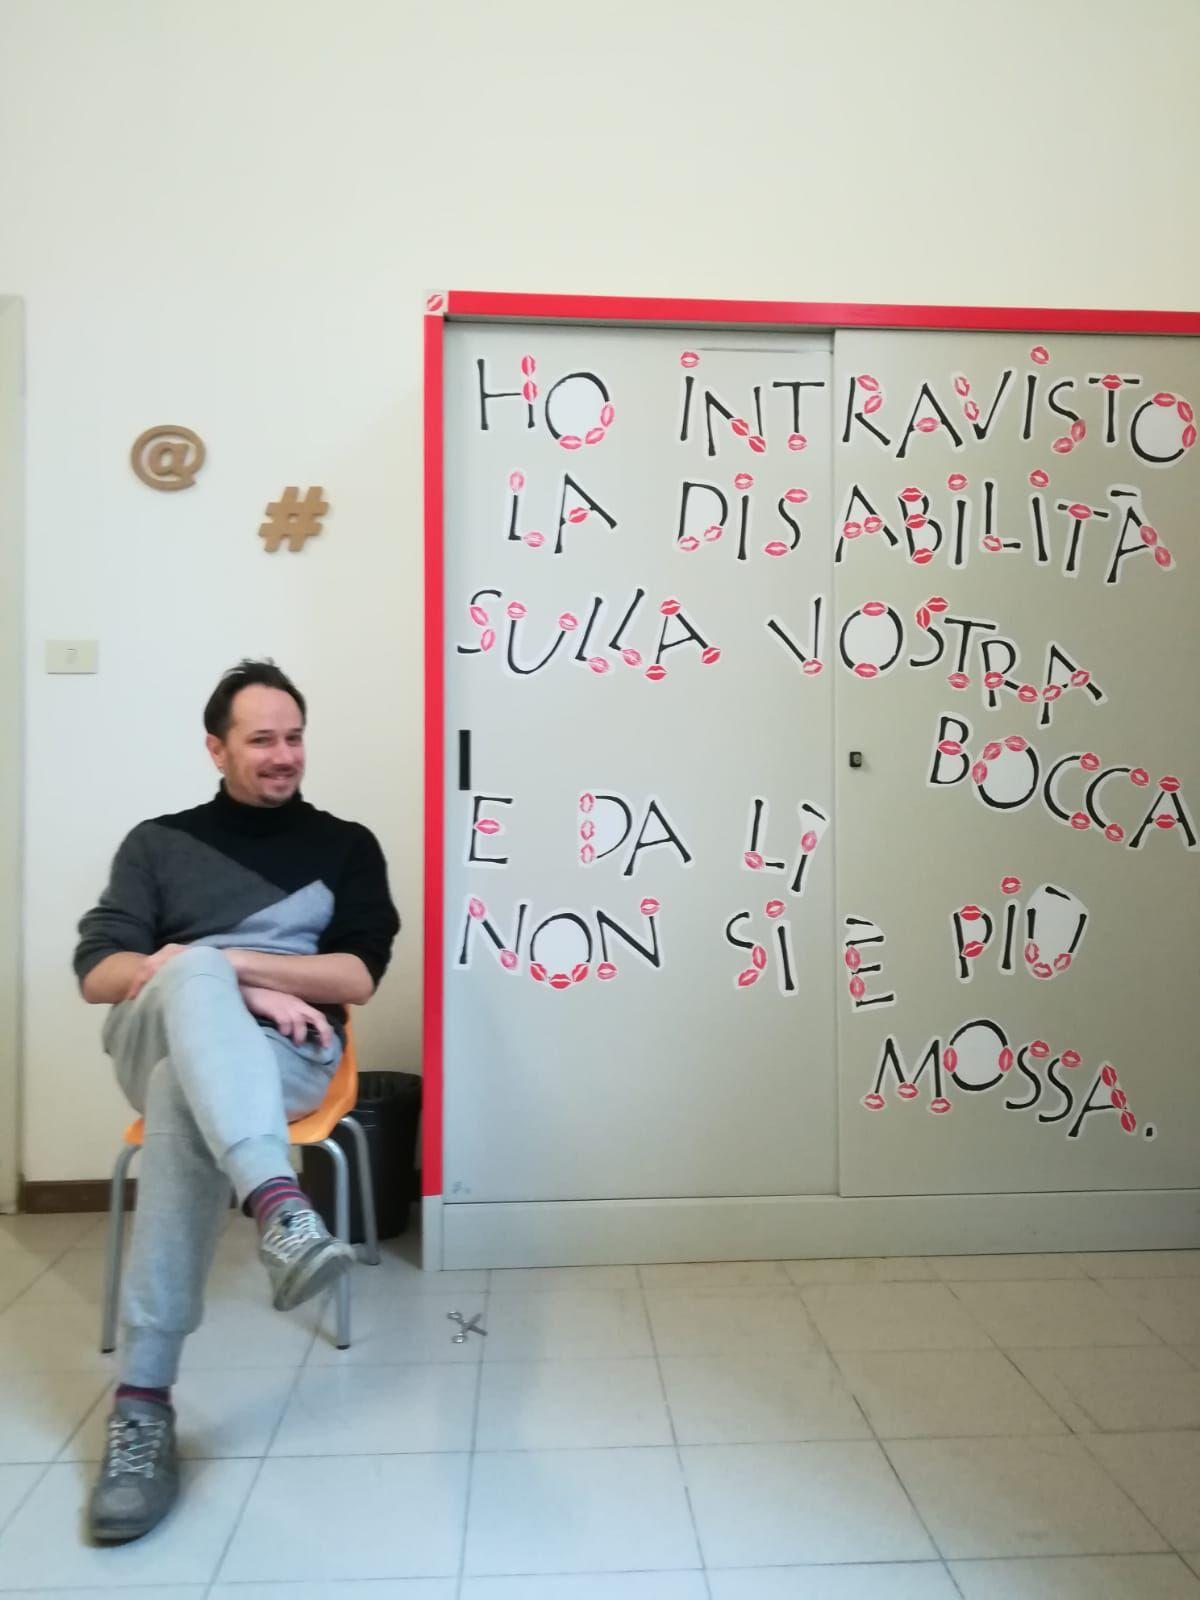 Disabilità e il sottoscritto